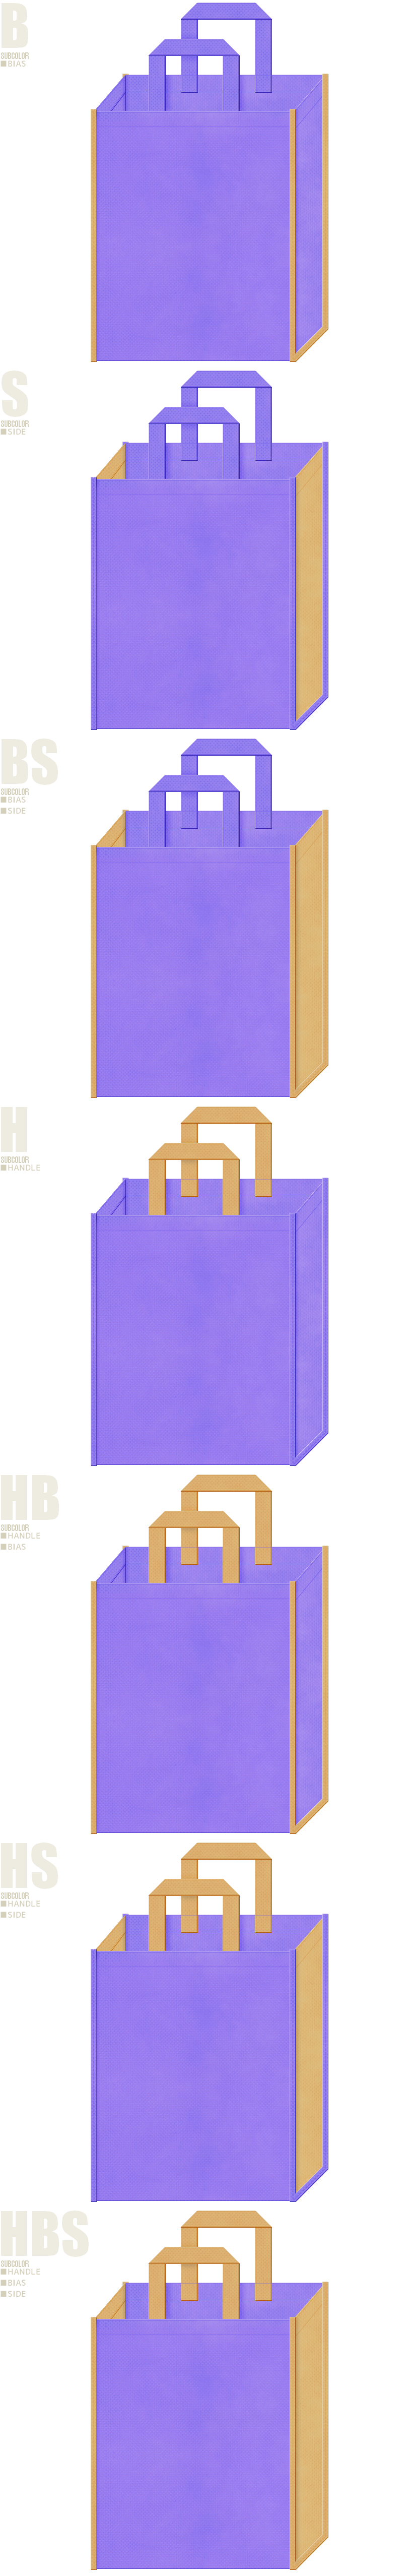 絵本・おとぎ話・おもちゃ・ぬいぐるみ・テーマパークにお奨めの不織布バッグデザイン:薄紫色と薄黄土色の配色7パターン